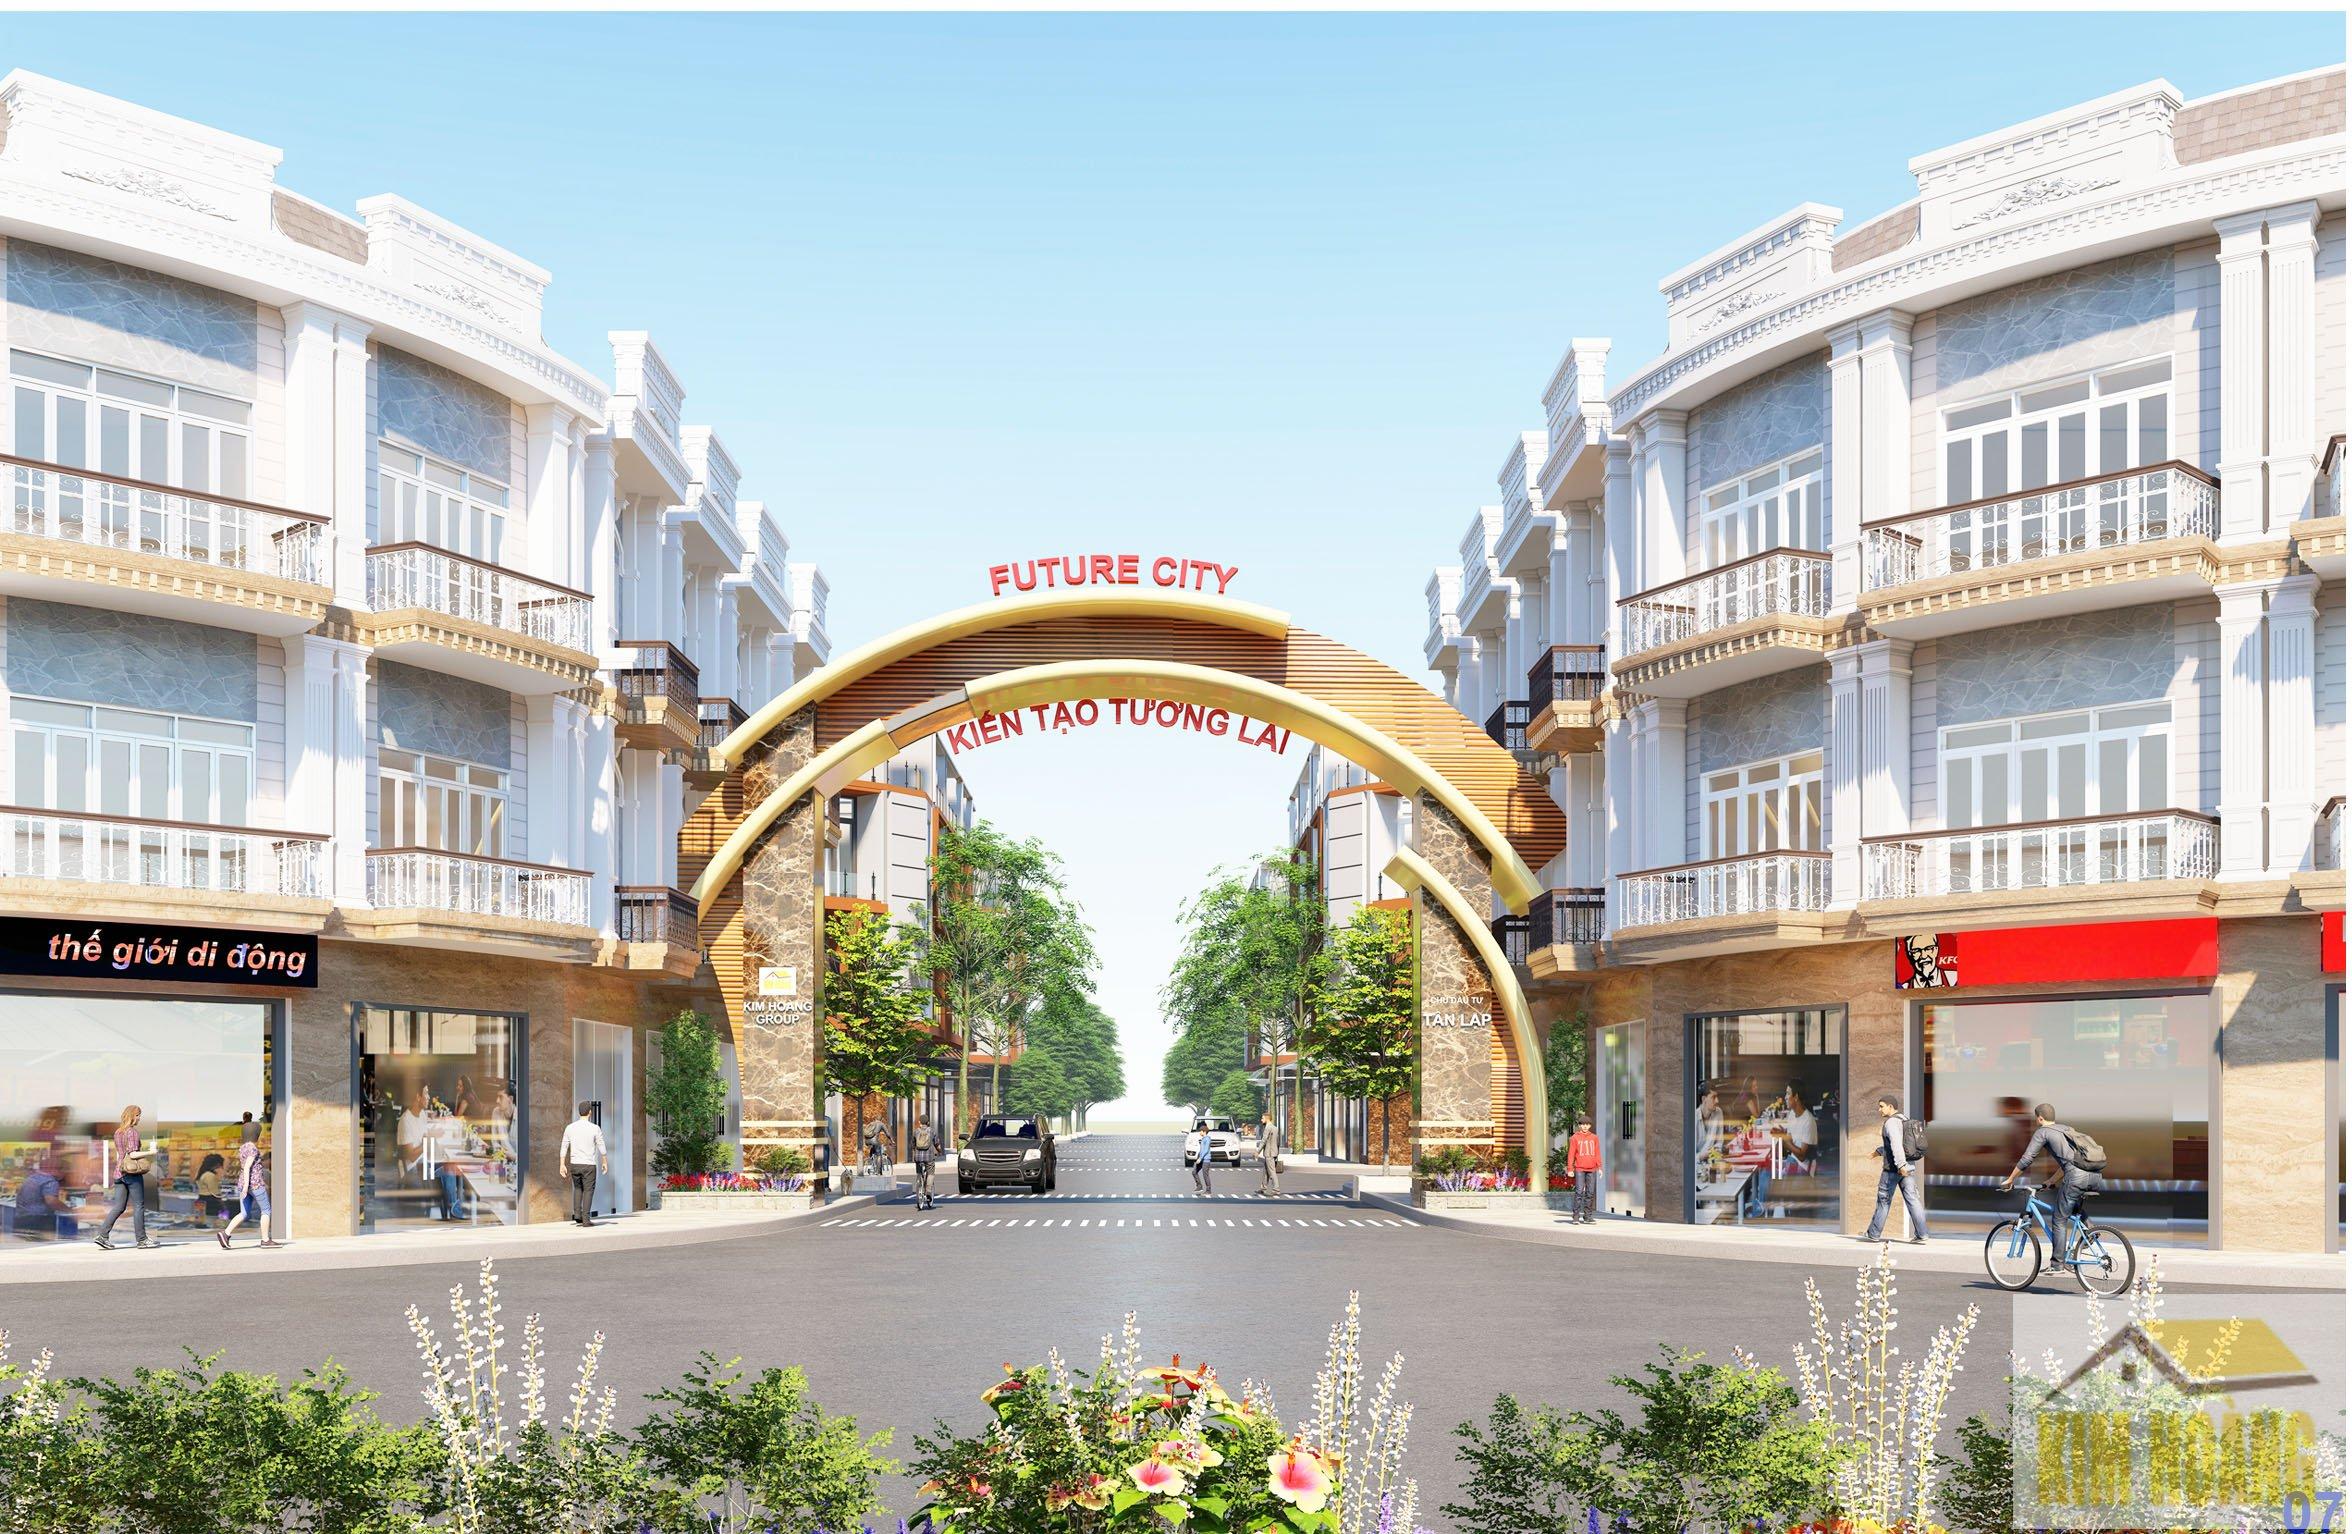 Cổng chào dự án Future city Bình dương ( Tân lập Garden )